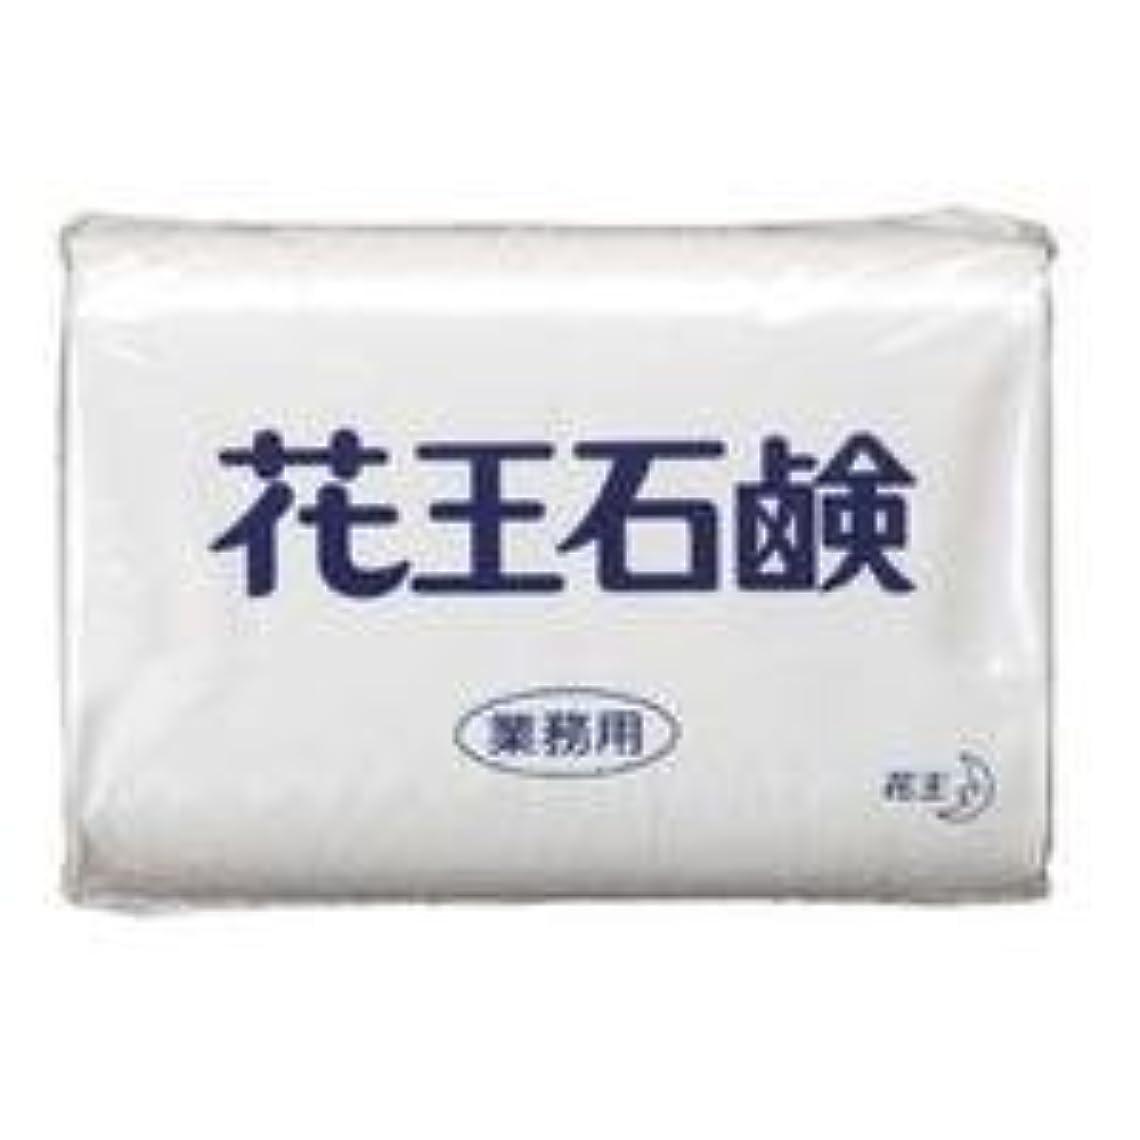 アライアンス締め切りクロニクル業務用石鹸 85g 3個×40パック(120個入り)